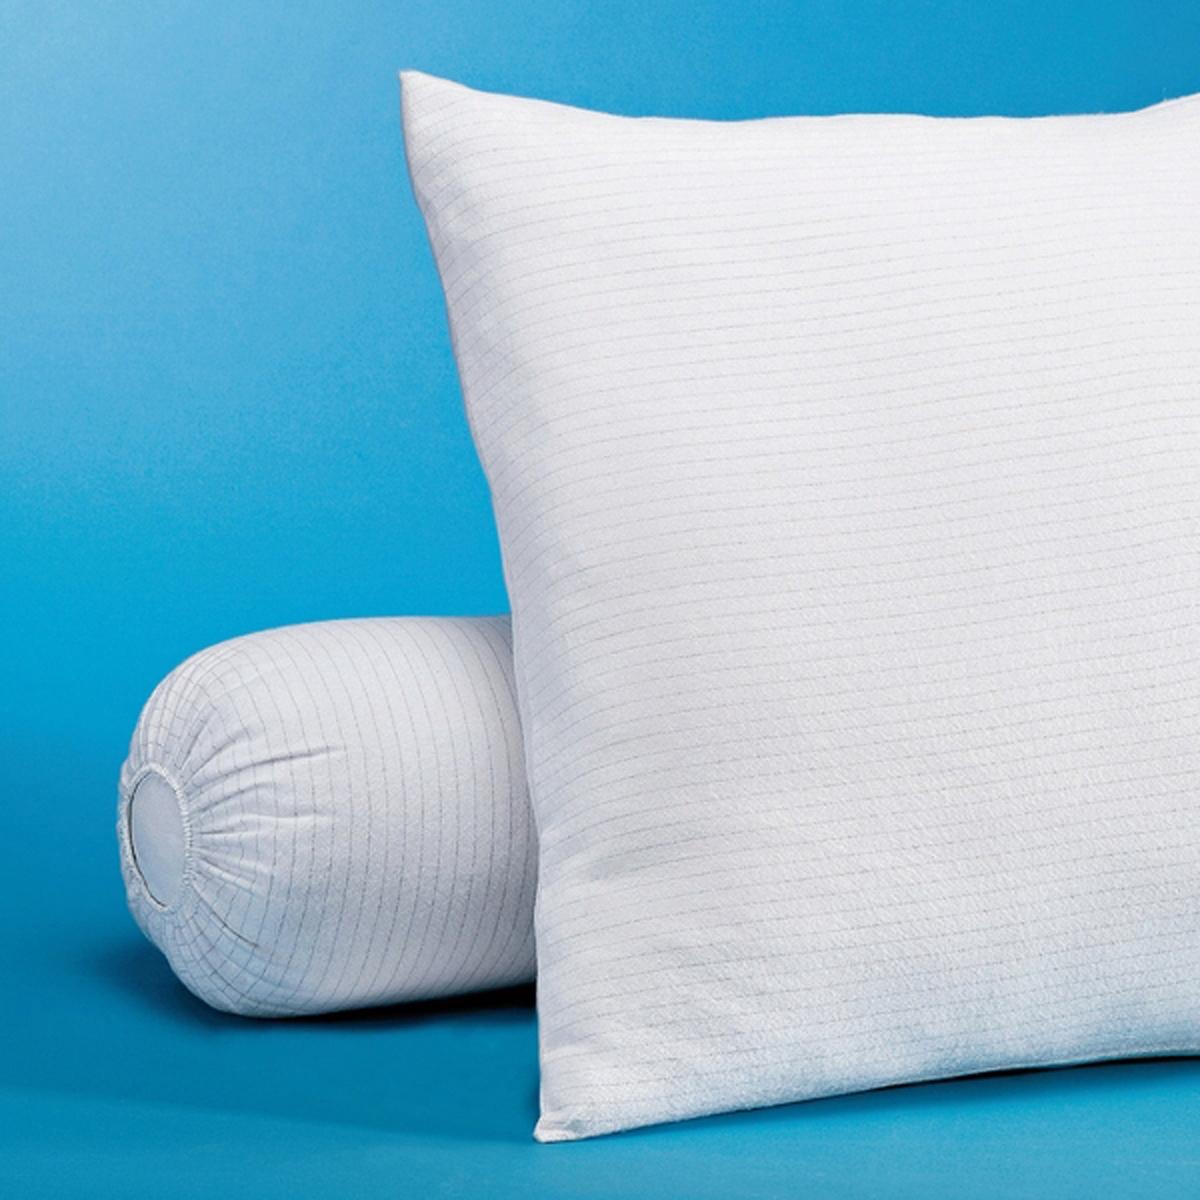 Наволочка защитная  из мольтонаЗащитная наволочка  не только защищает подушку, но также снимает статическое электричество, чтобы Вы спали крепко и спокойно. Защитная наволочка  для подушки-валика из мольтона с двухсторонним начёсом 99% хлопка, 1% углеволокна (220 гр/м?).Уход: Стирка при 60°С.Размеры: 90 x 23 см, 140 x 23 см.Защитная наволочка  из мольтона - это качество VALEUR S?RE.<br><br>Цвет: белый